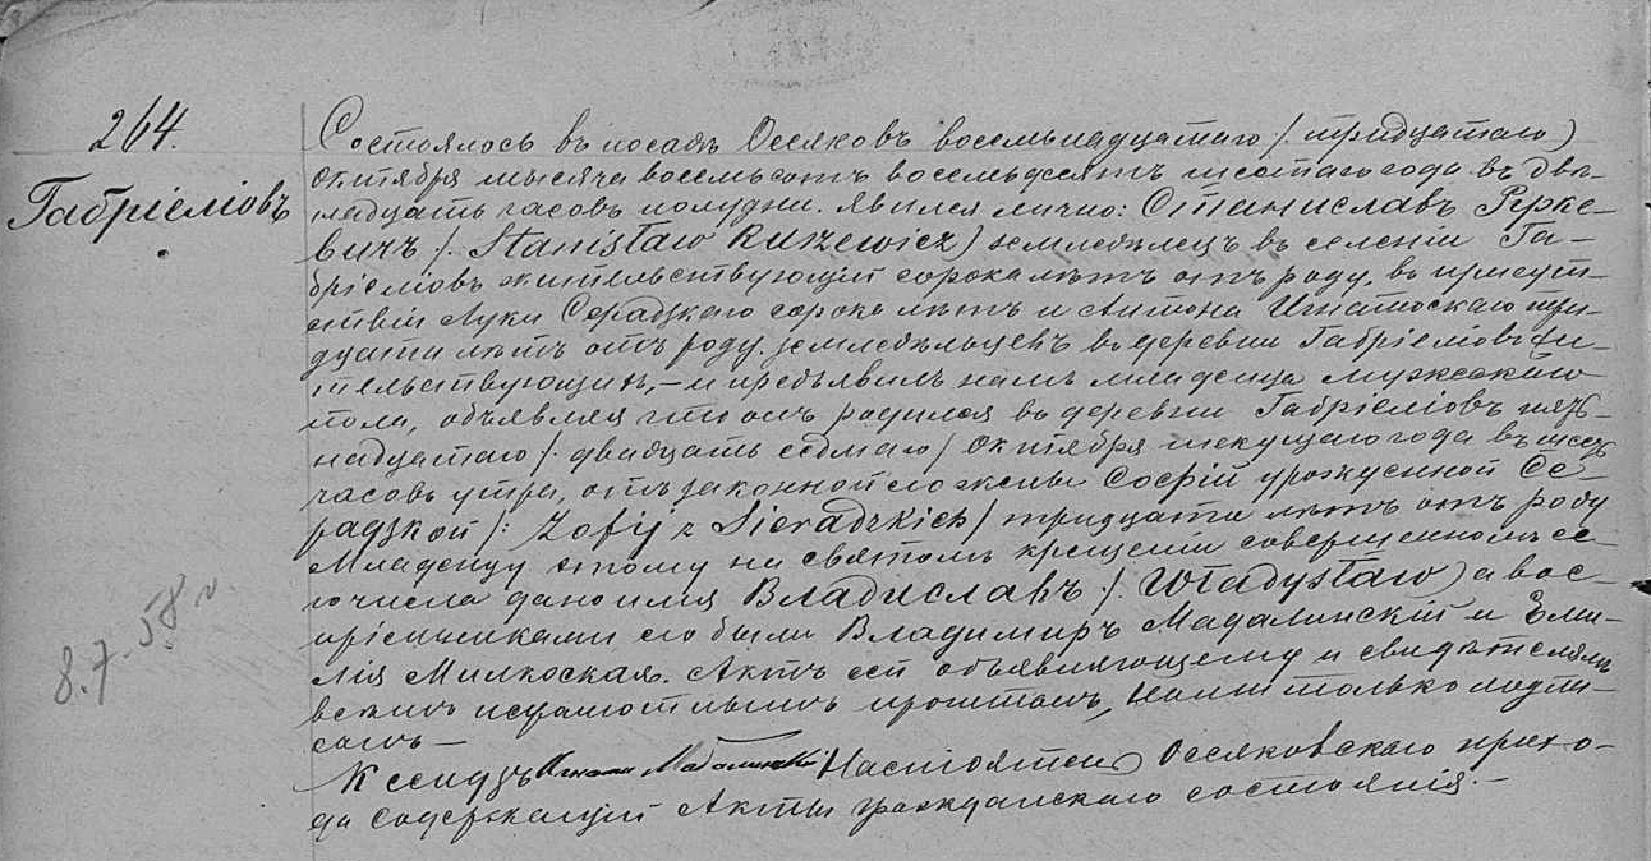 Akt chrztu Władysława Różewicza, parafia Osjaków, rok 1886/ fot. Family Search